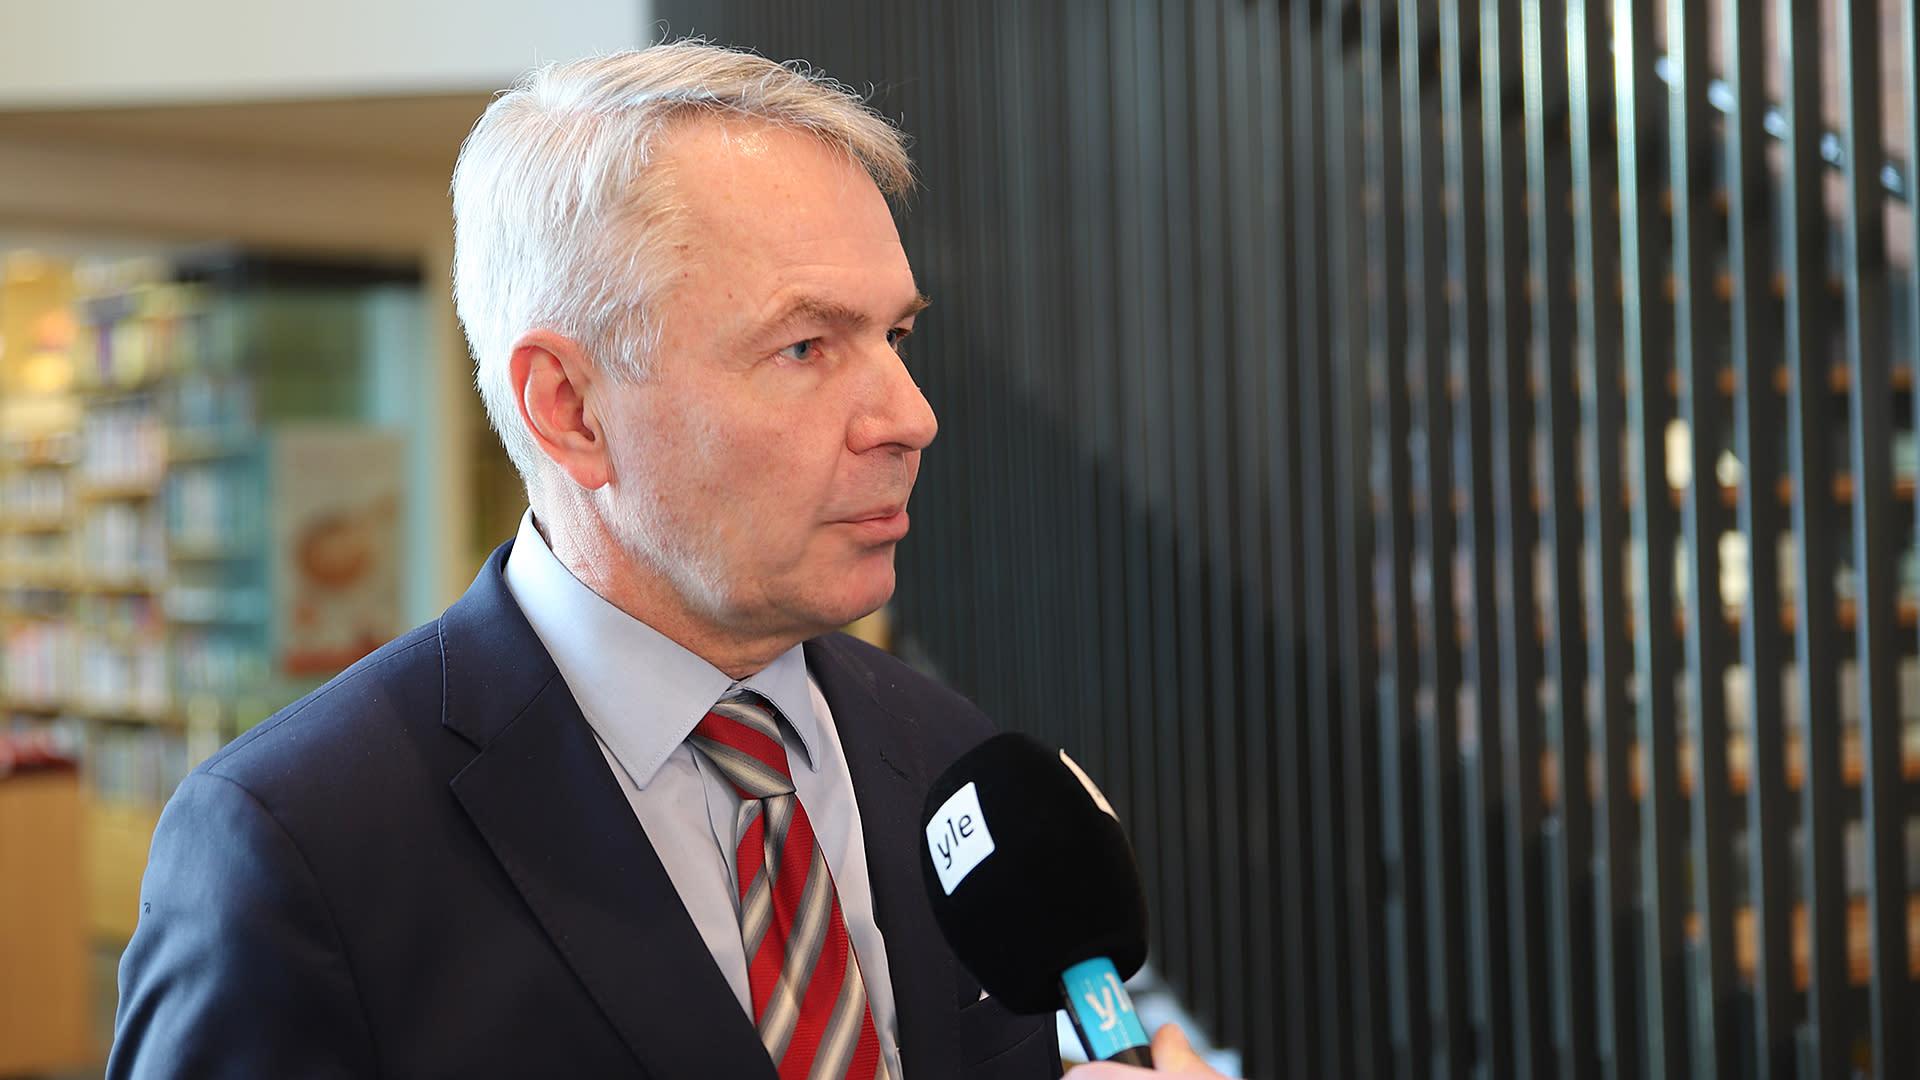 Ulkoministeri Pekka Haavisto (vihr.) Ylen haastattelussa saamelaiskulttuurikeskus Sajoksessa Inarissa